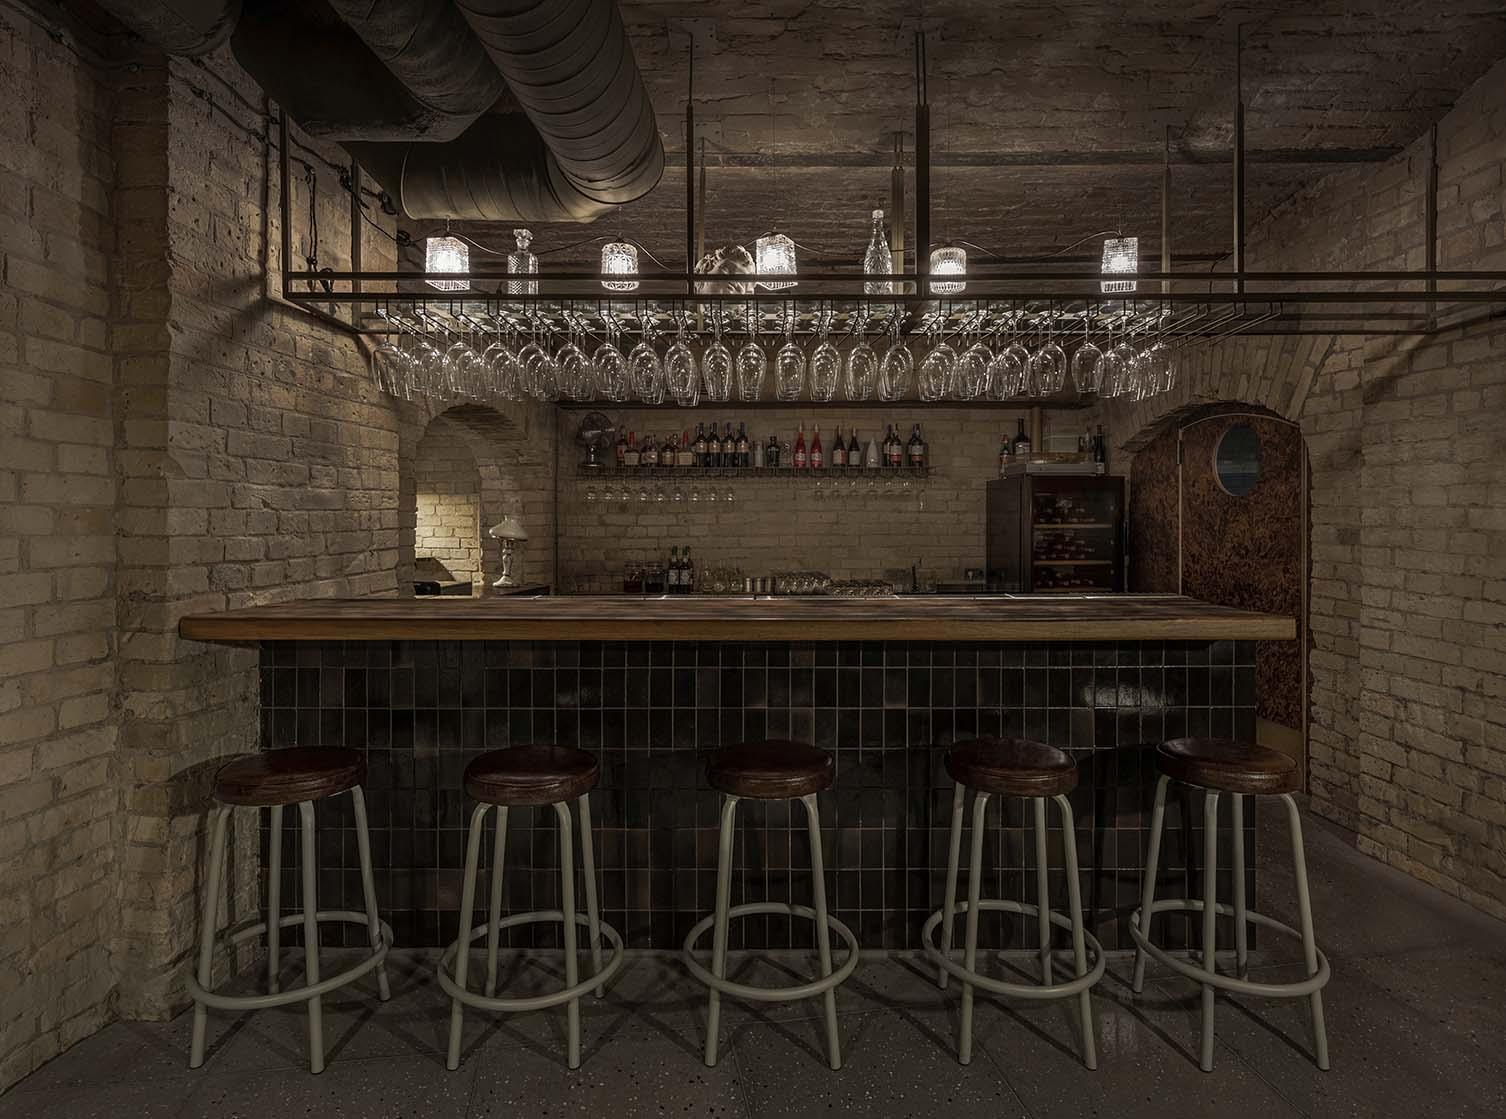 Balthazar Kiev, Besarabka, Besarabsky Market Restaurant and Wine Bar by Rina Lovko